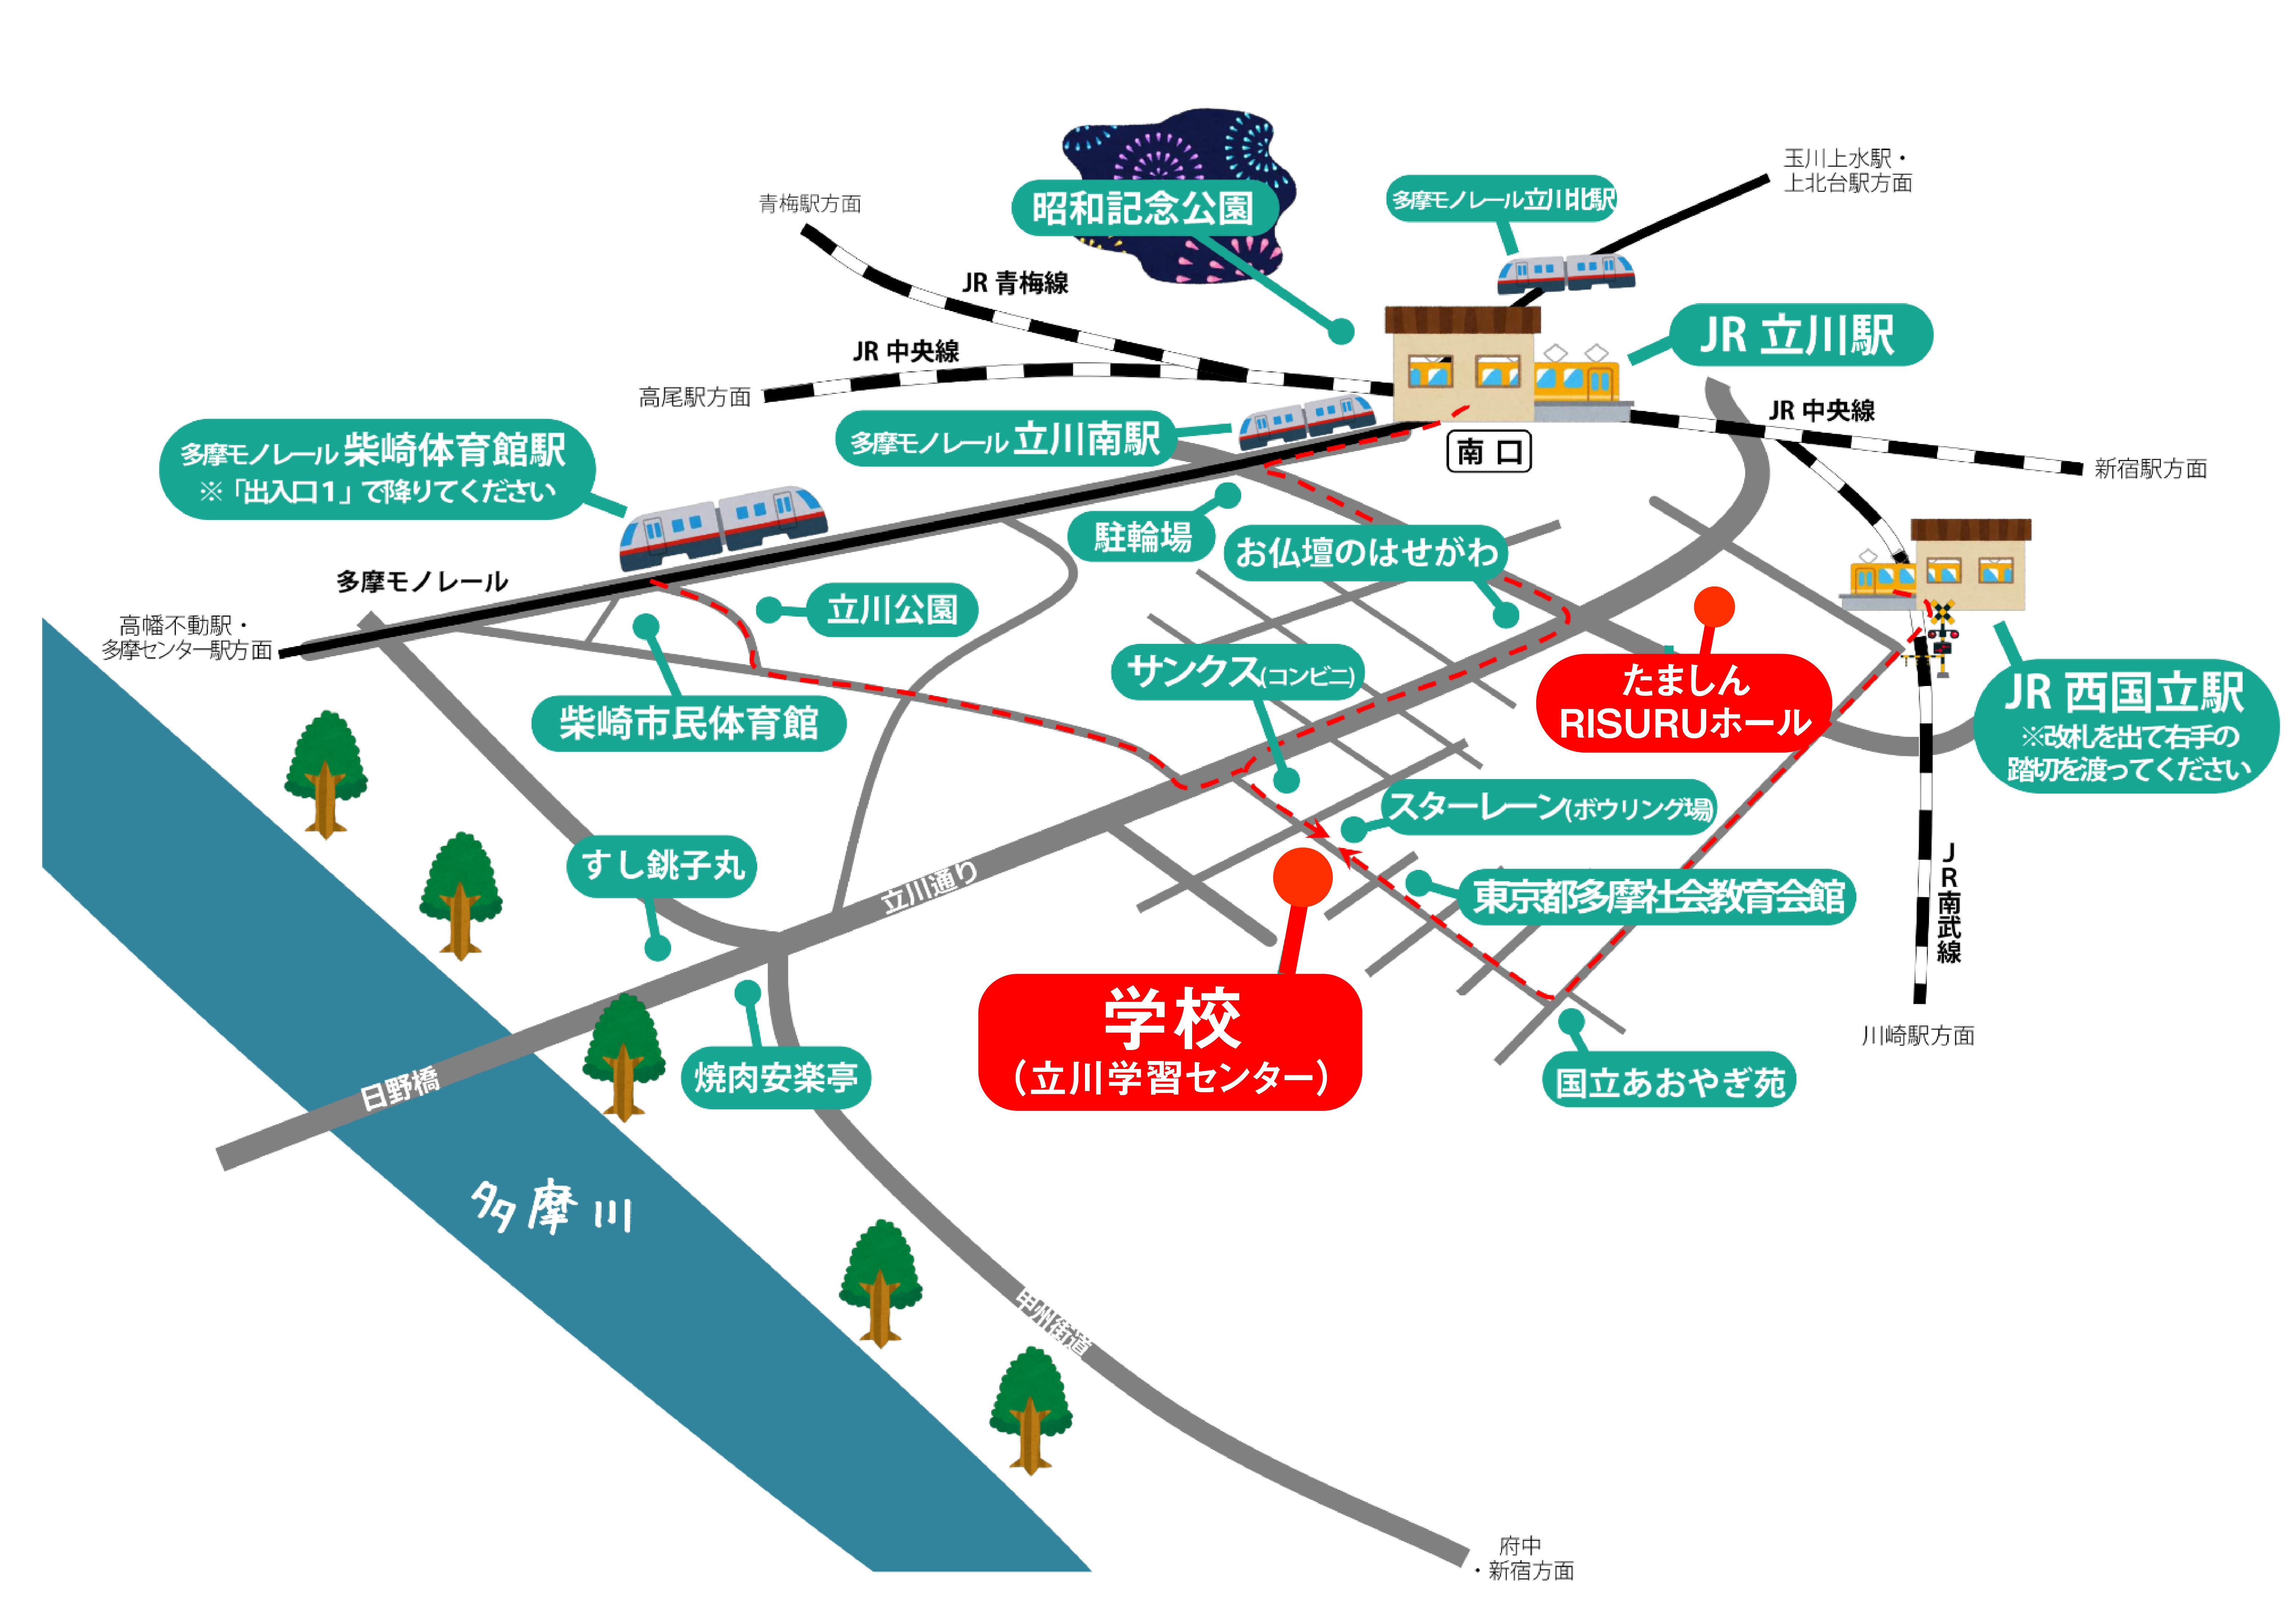 RISURUホールアクセスマップ